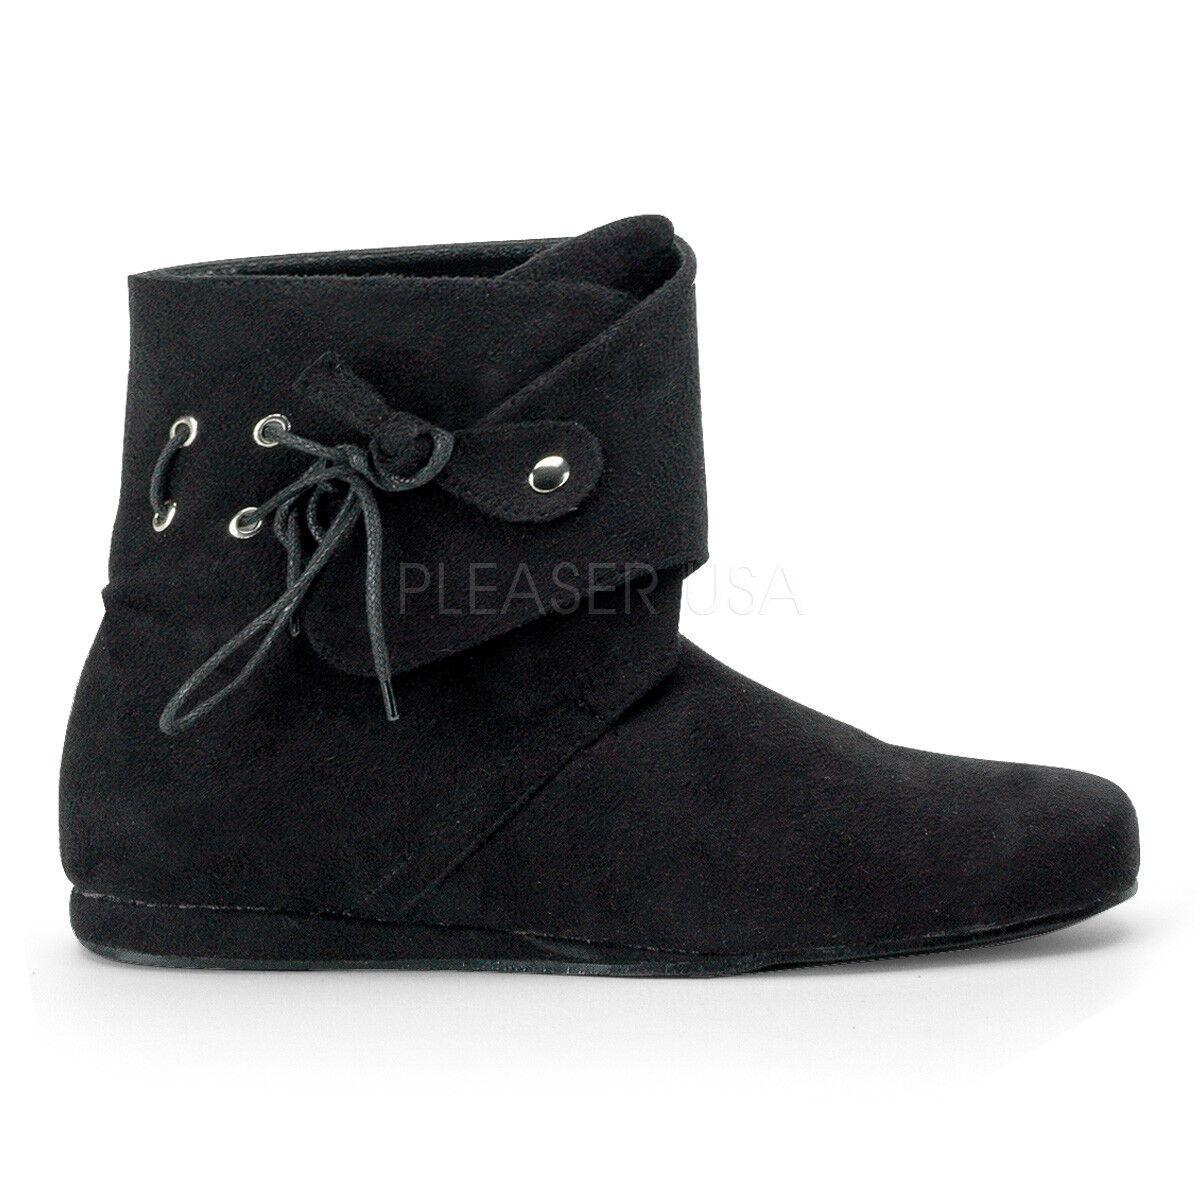 PLEASER FUNTASMA Renaissance-50 Black Microfiber Robin Hood Medieval Ankle Boots